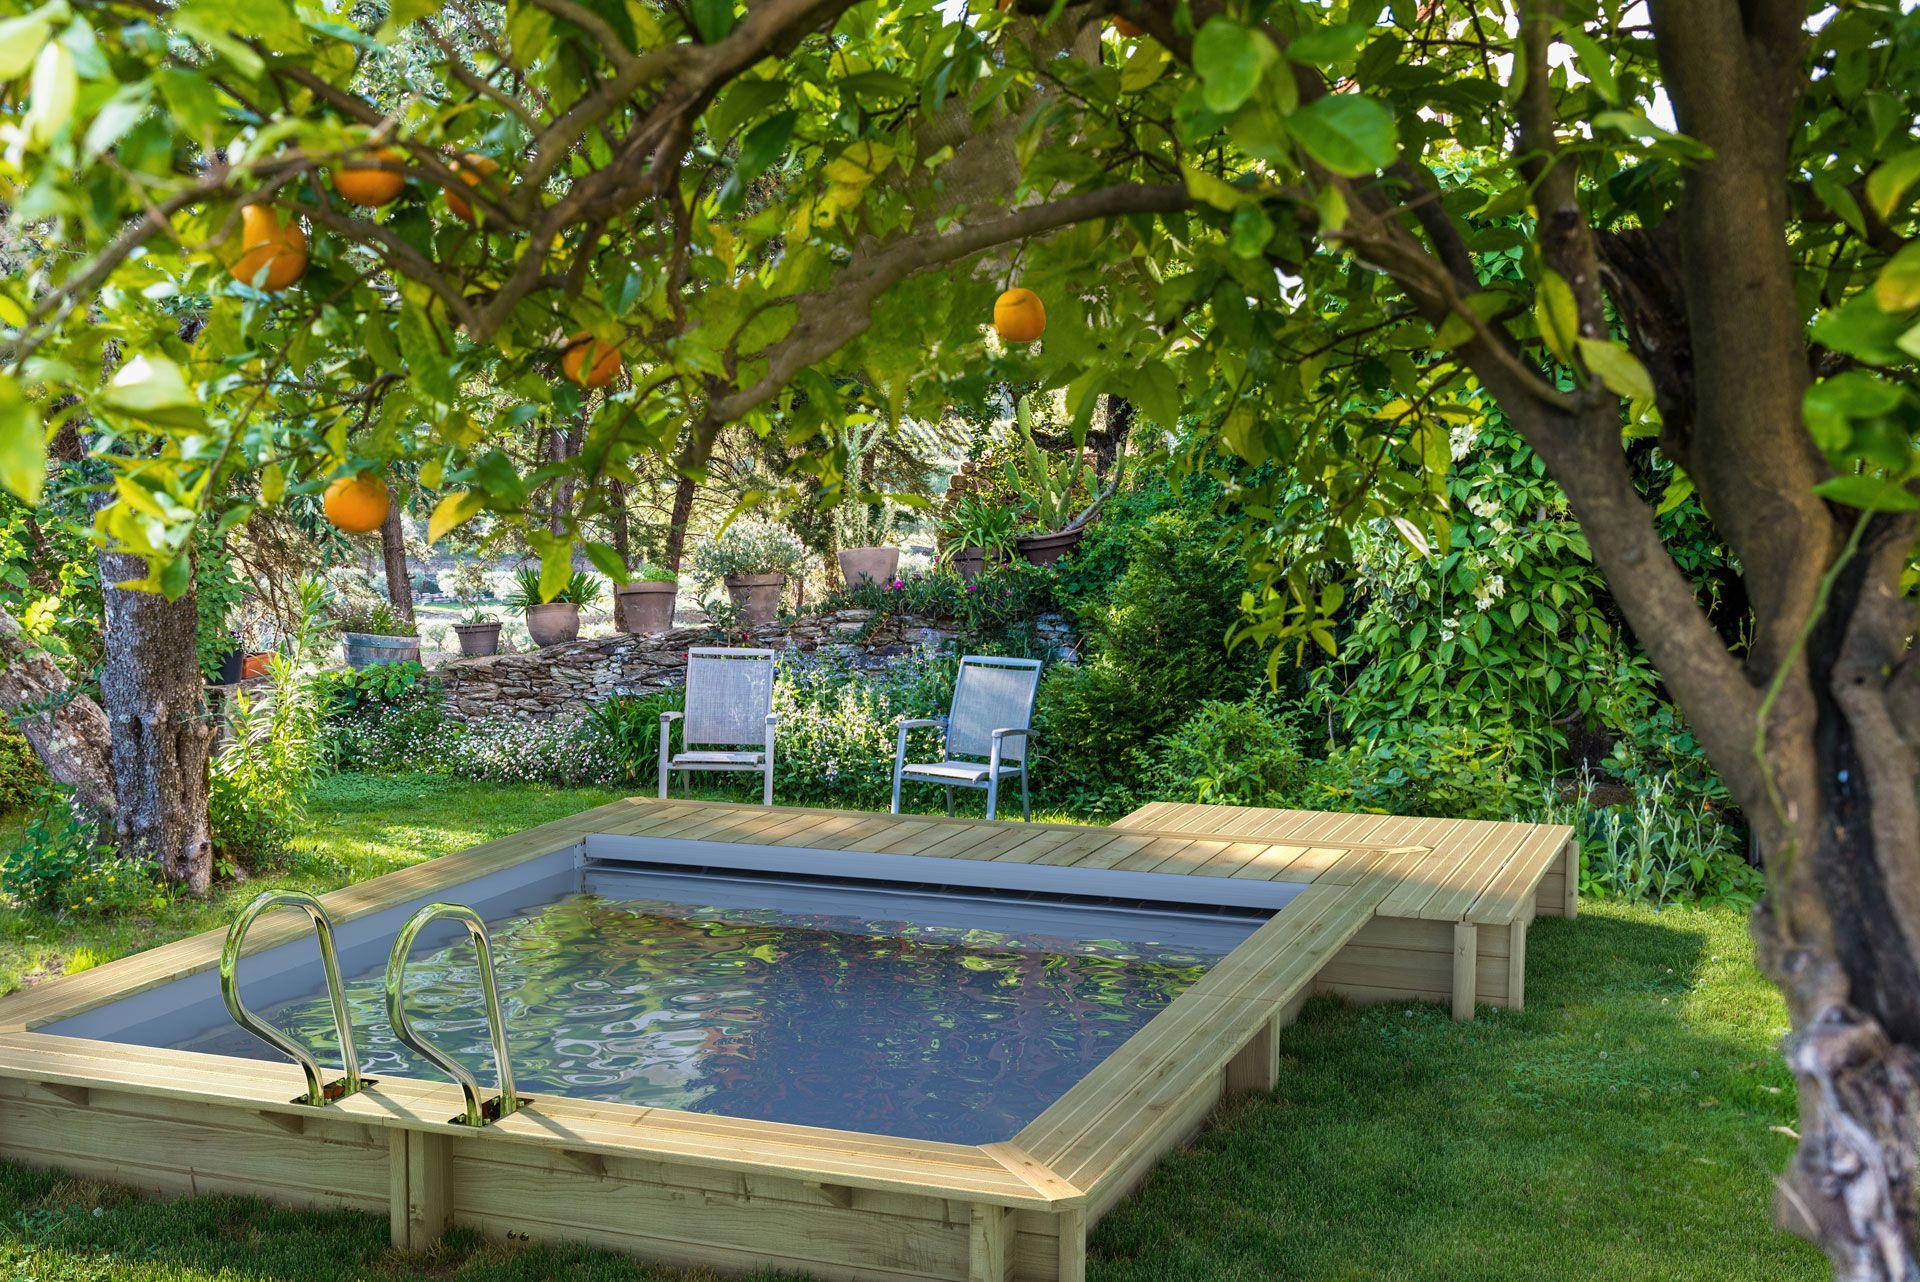 Comment Installer Une Piscine Dans Un Petit Jardin pour Aménagement Autour D Une Piscine Hors Sol